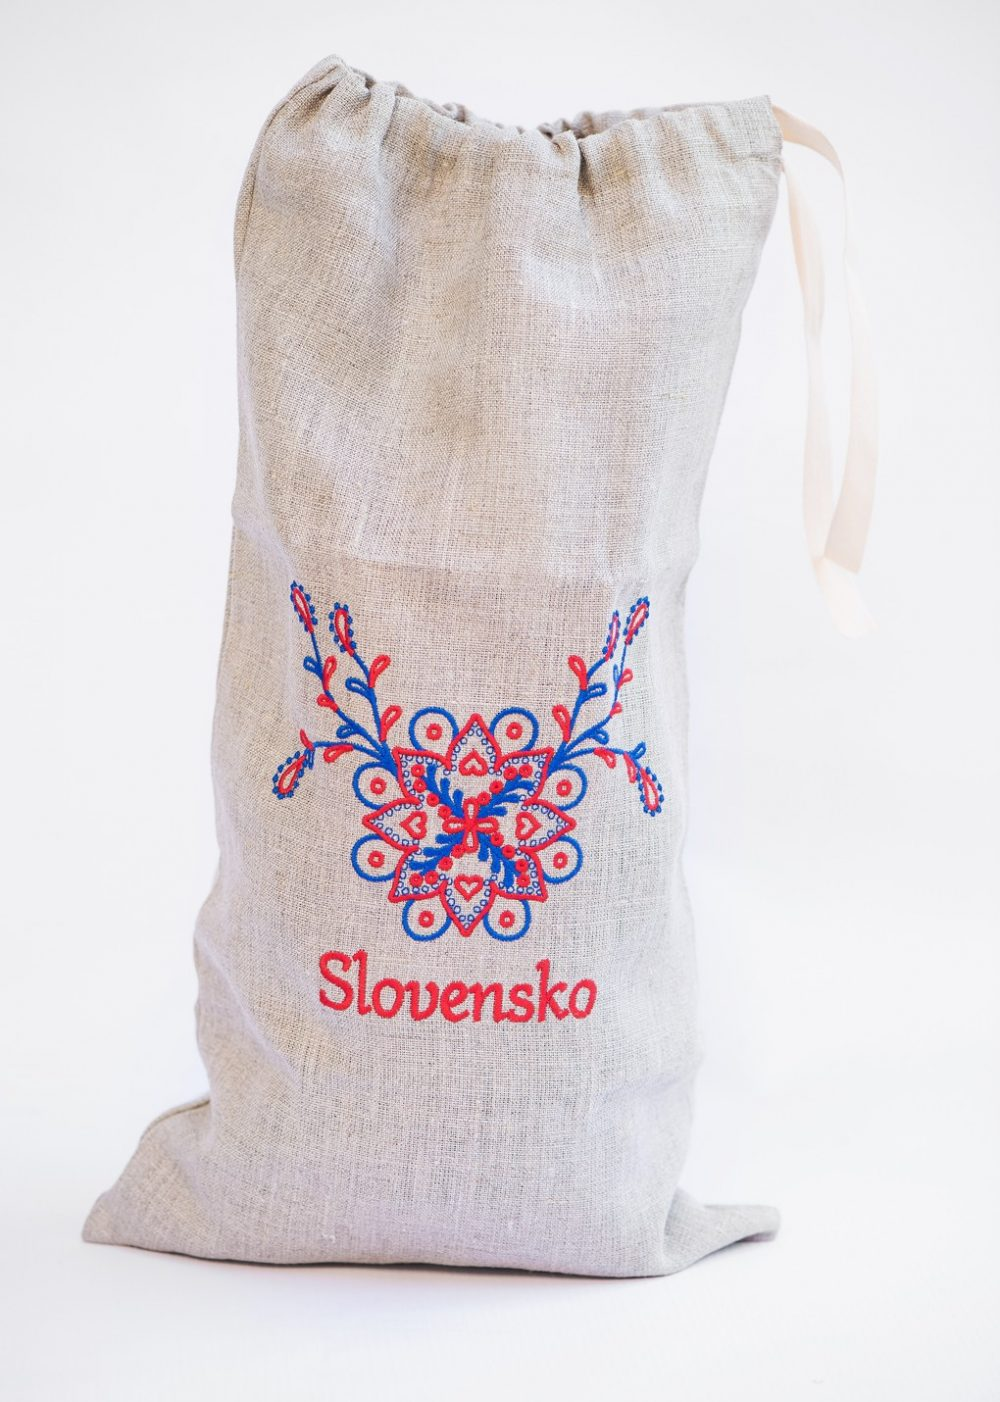 Ľanové vrecko na chlieb s nápisom a vo farbách Slovenska